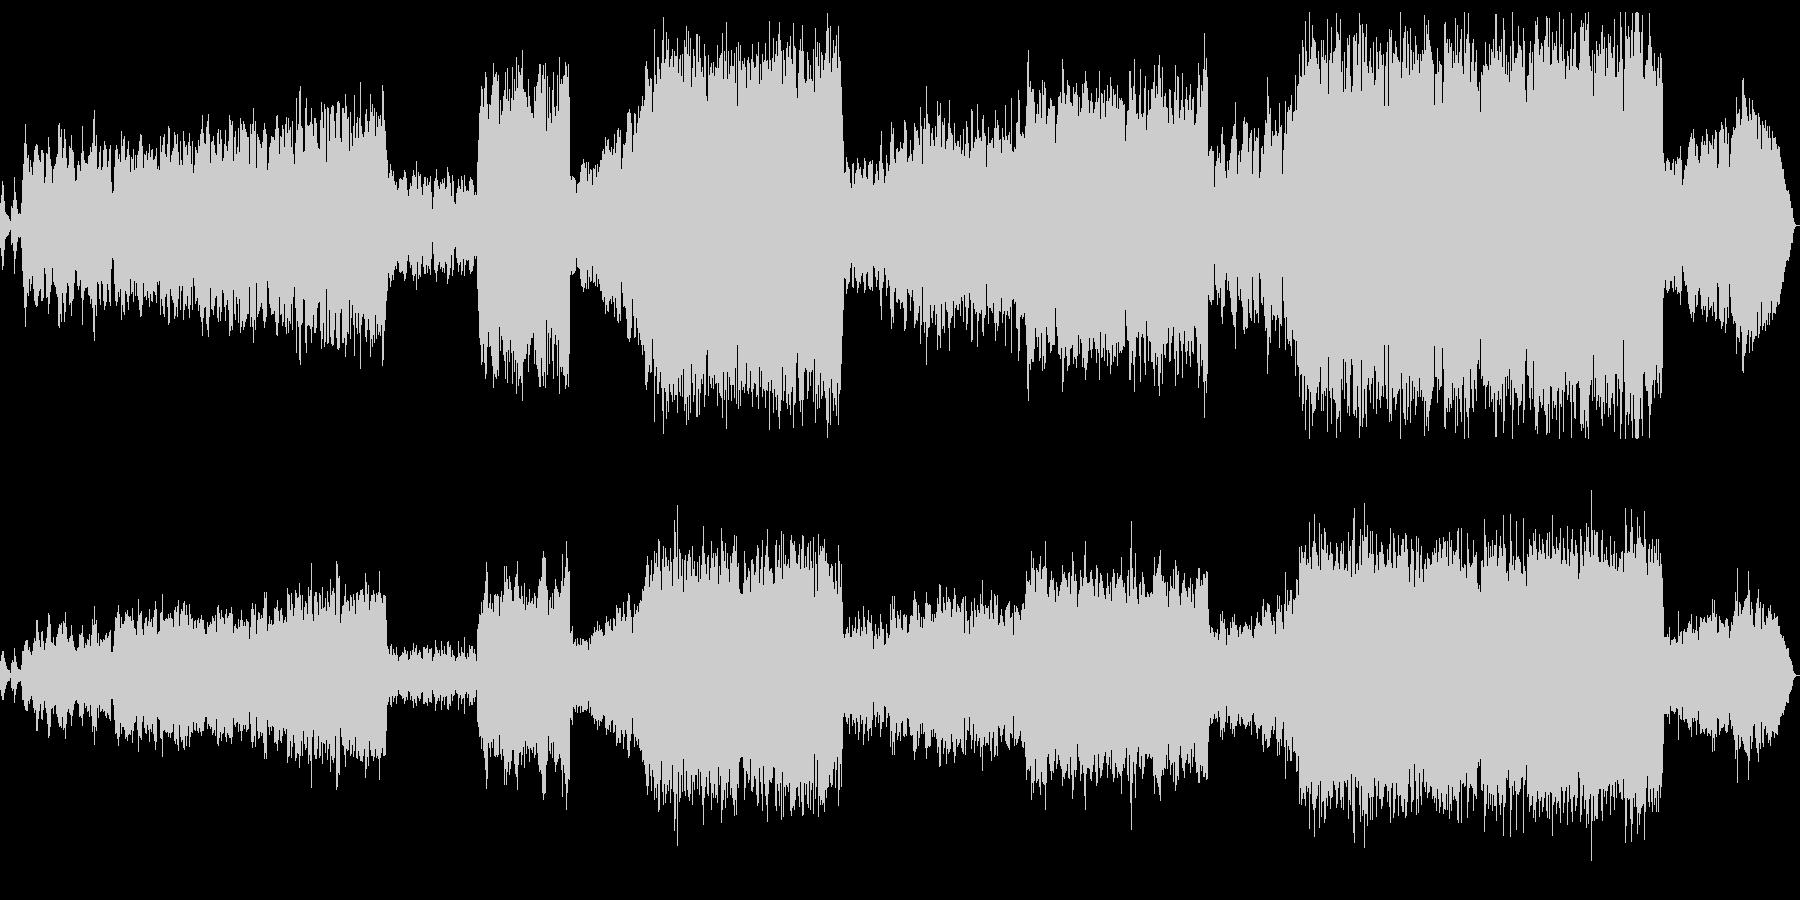 弦楽とピアノによる室内楽の未再生の波形